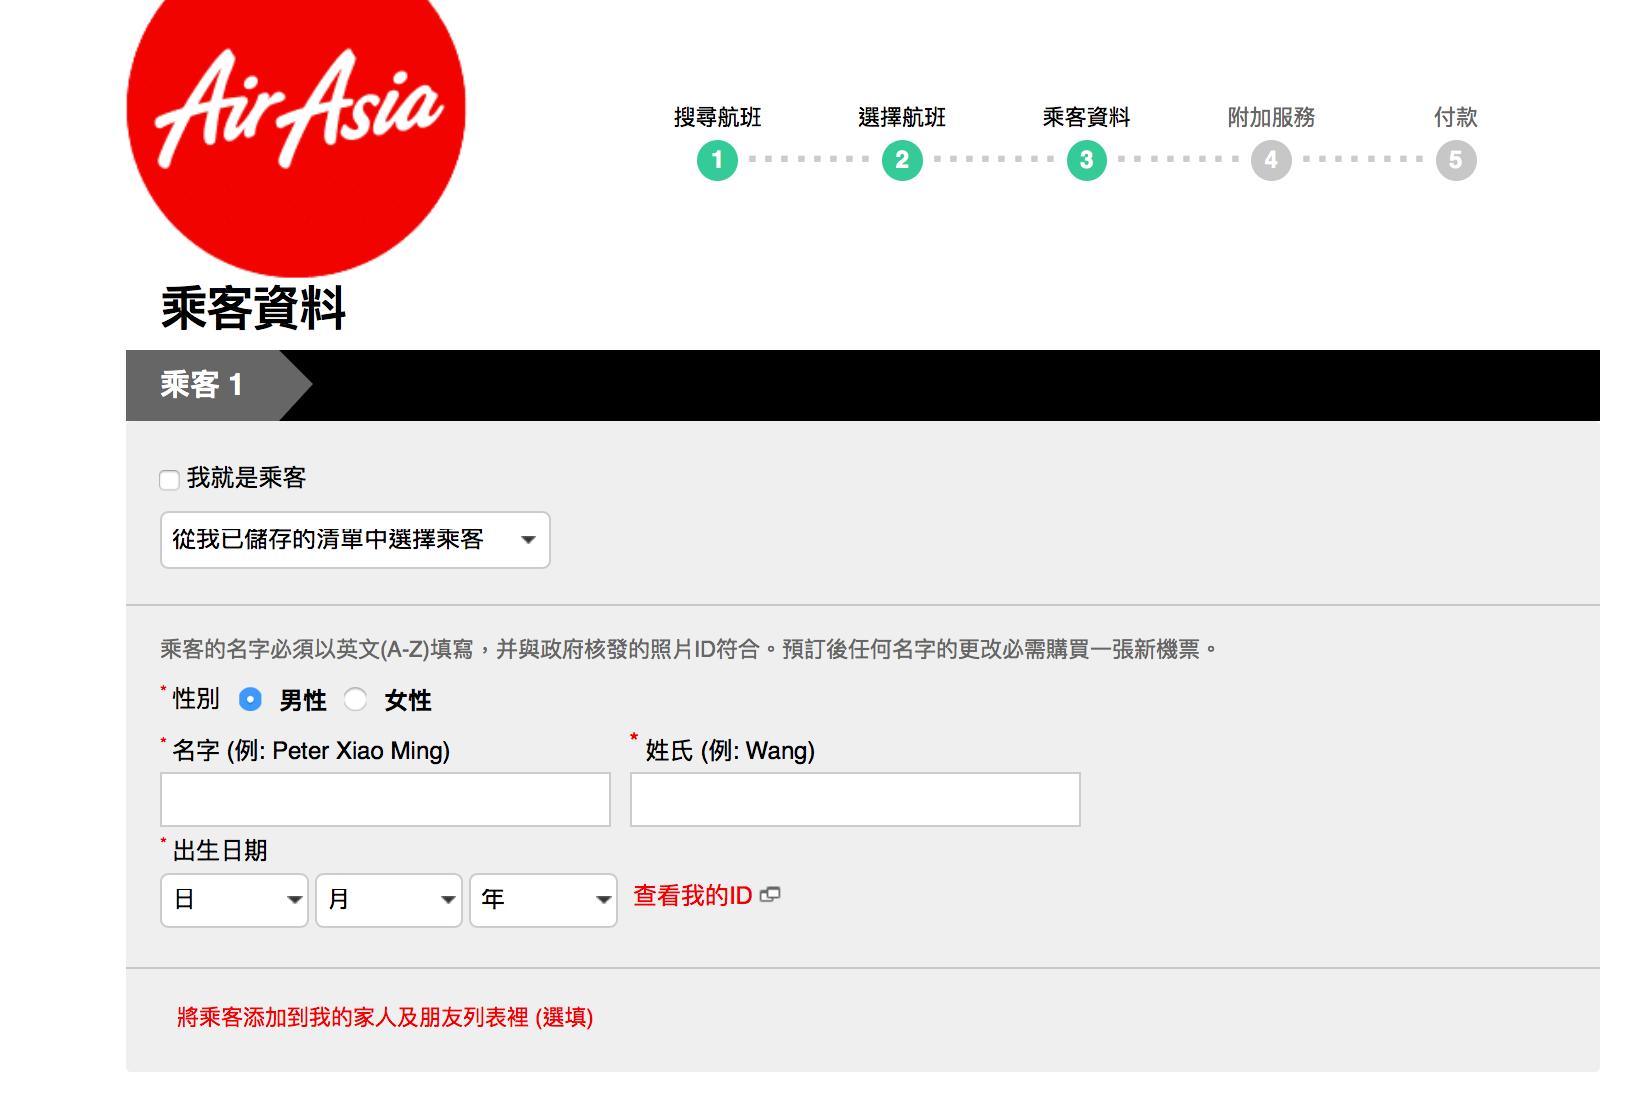 亞洲航空乘客資料